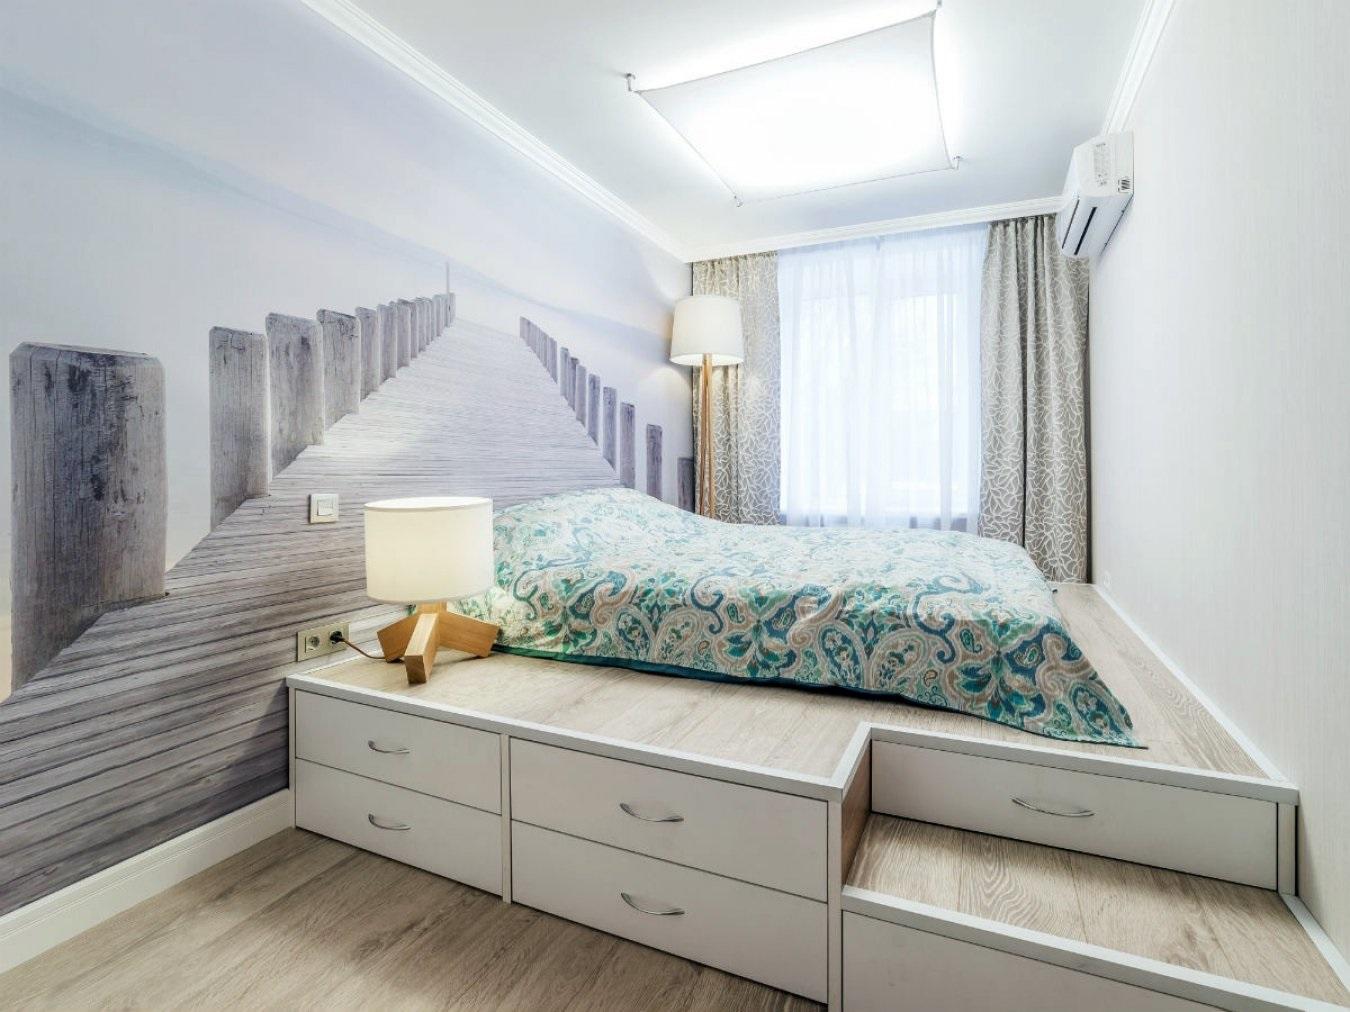 кровать-подиум травмоопасность